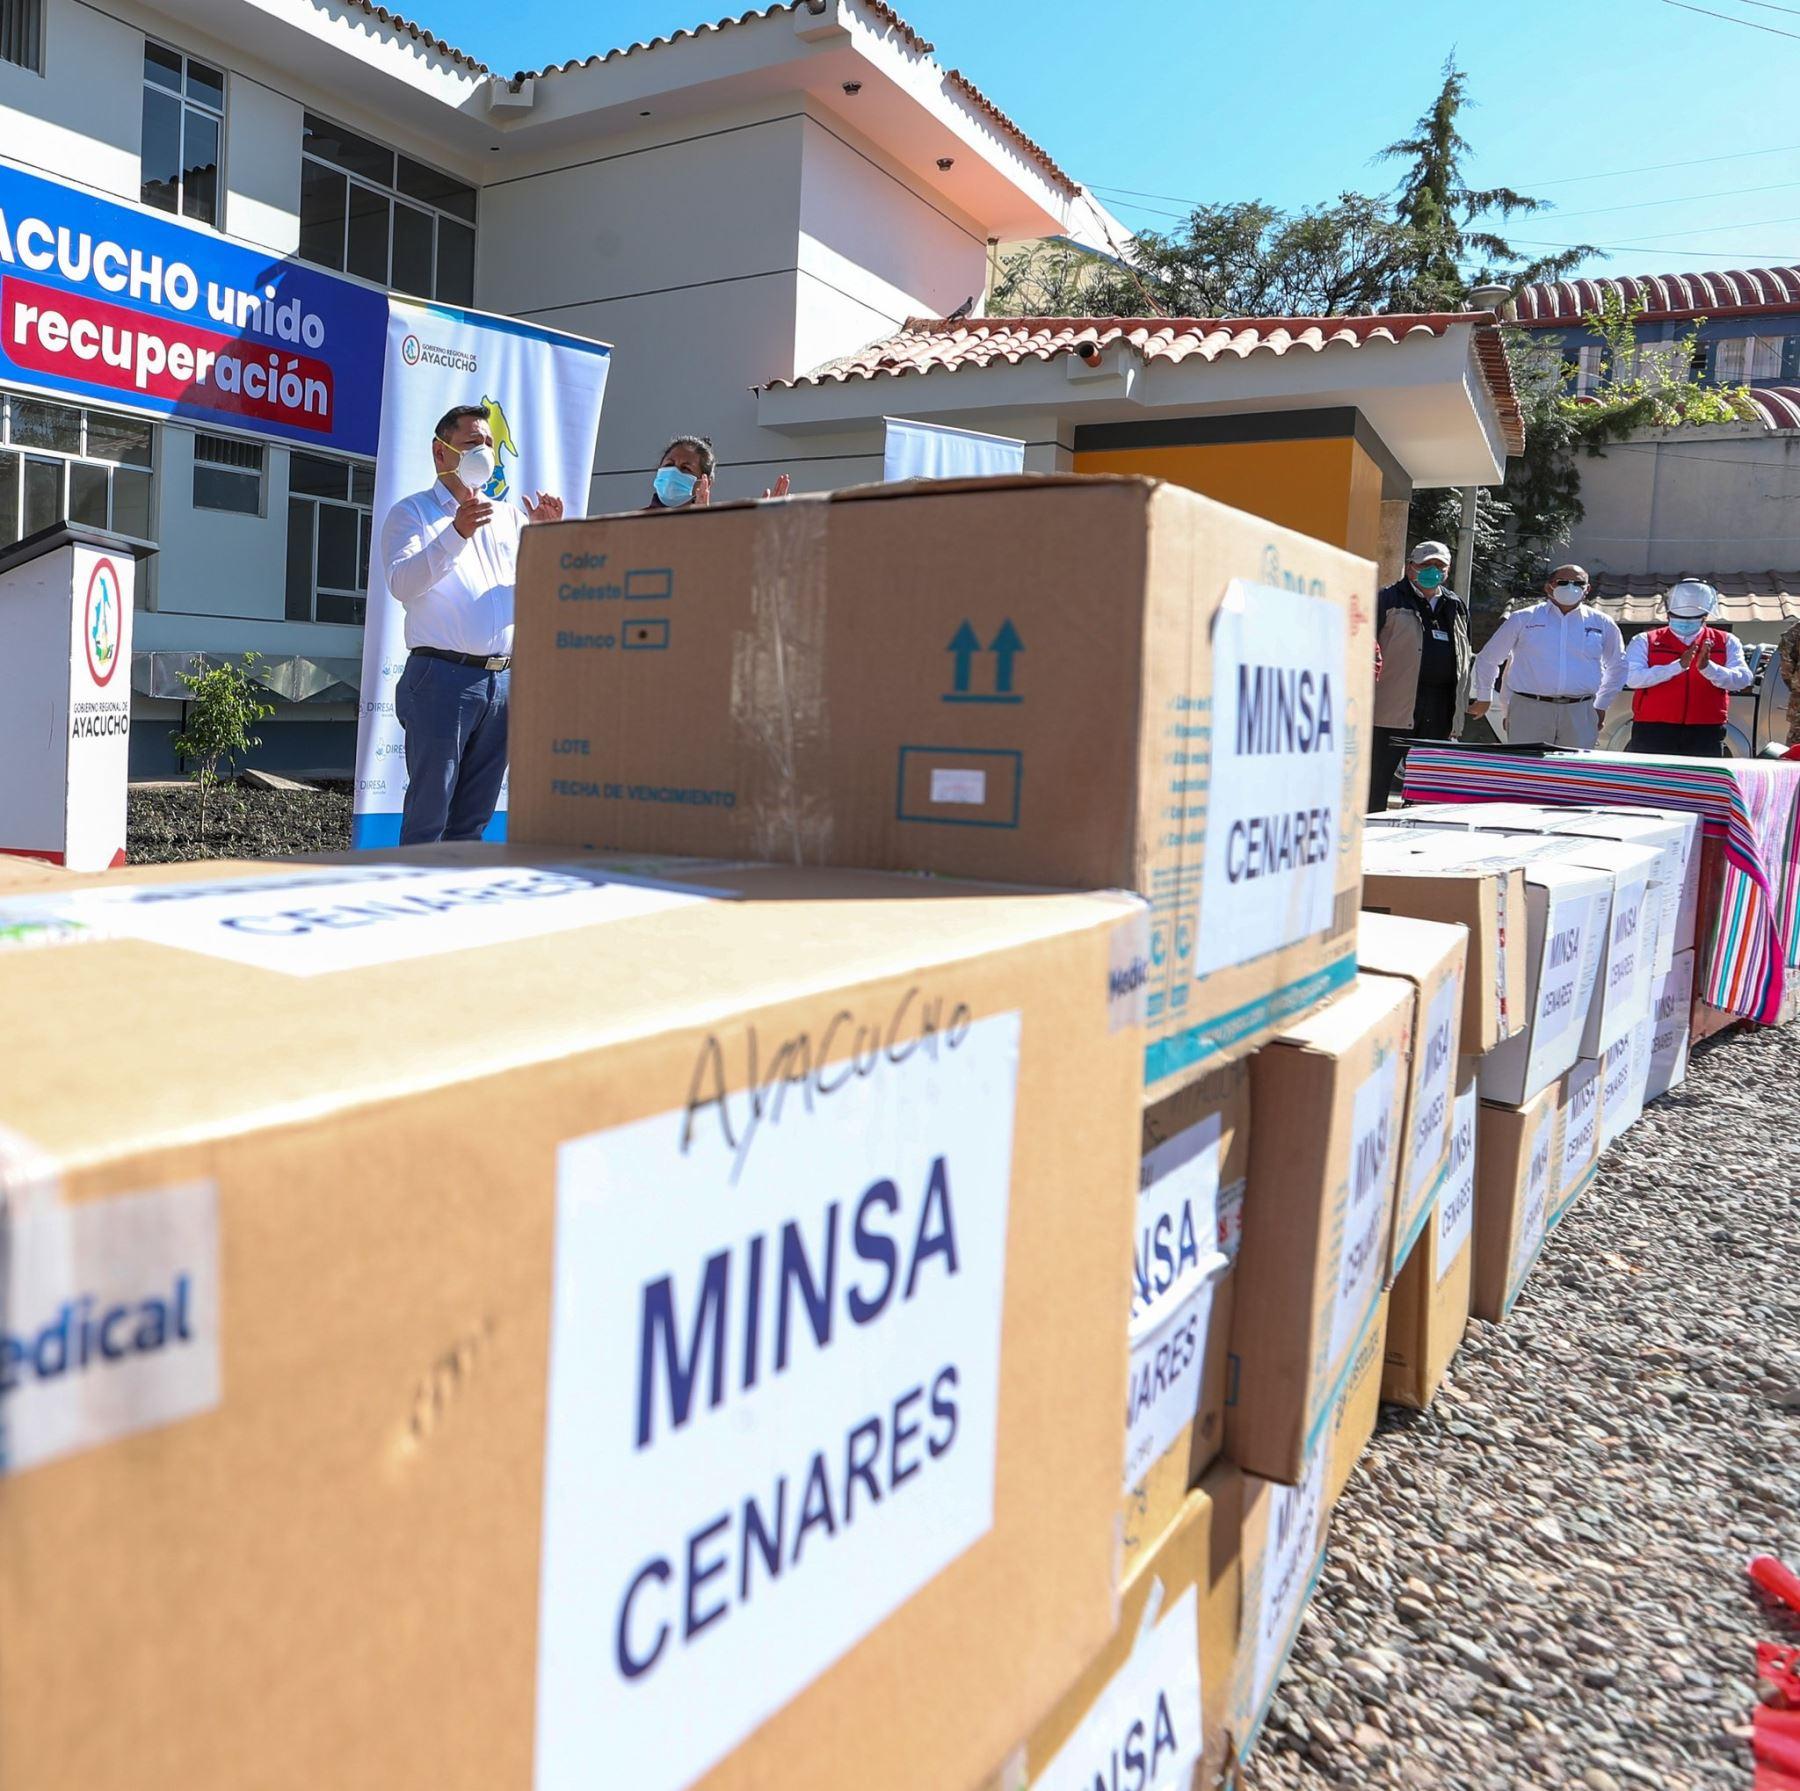 El premier Vicente Zeballos junto al ministro de Salud, Víctor Zamora, recorren las instalaciones del hospital de Emergencia COVID en Ayacucho y hacen entrega de equipos de protección, 5000 pruebas moleculares, y 4 ventiladores mecánicos que reforzarán el sistema de salud de la región. Foto: ANDINA/PCM